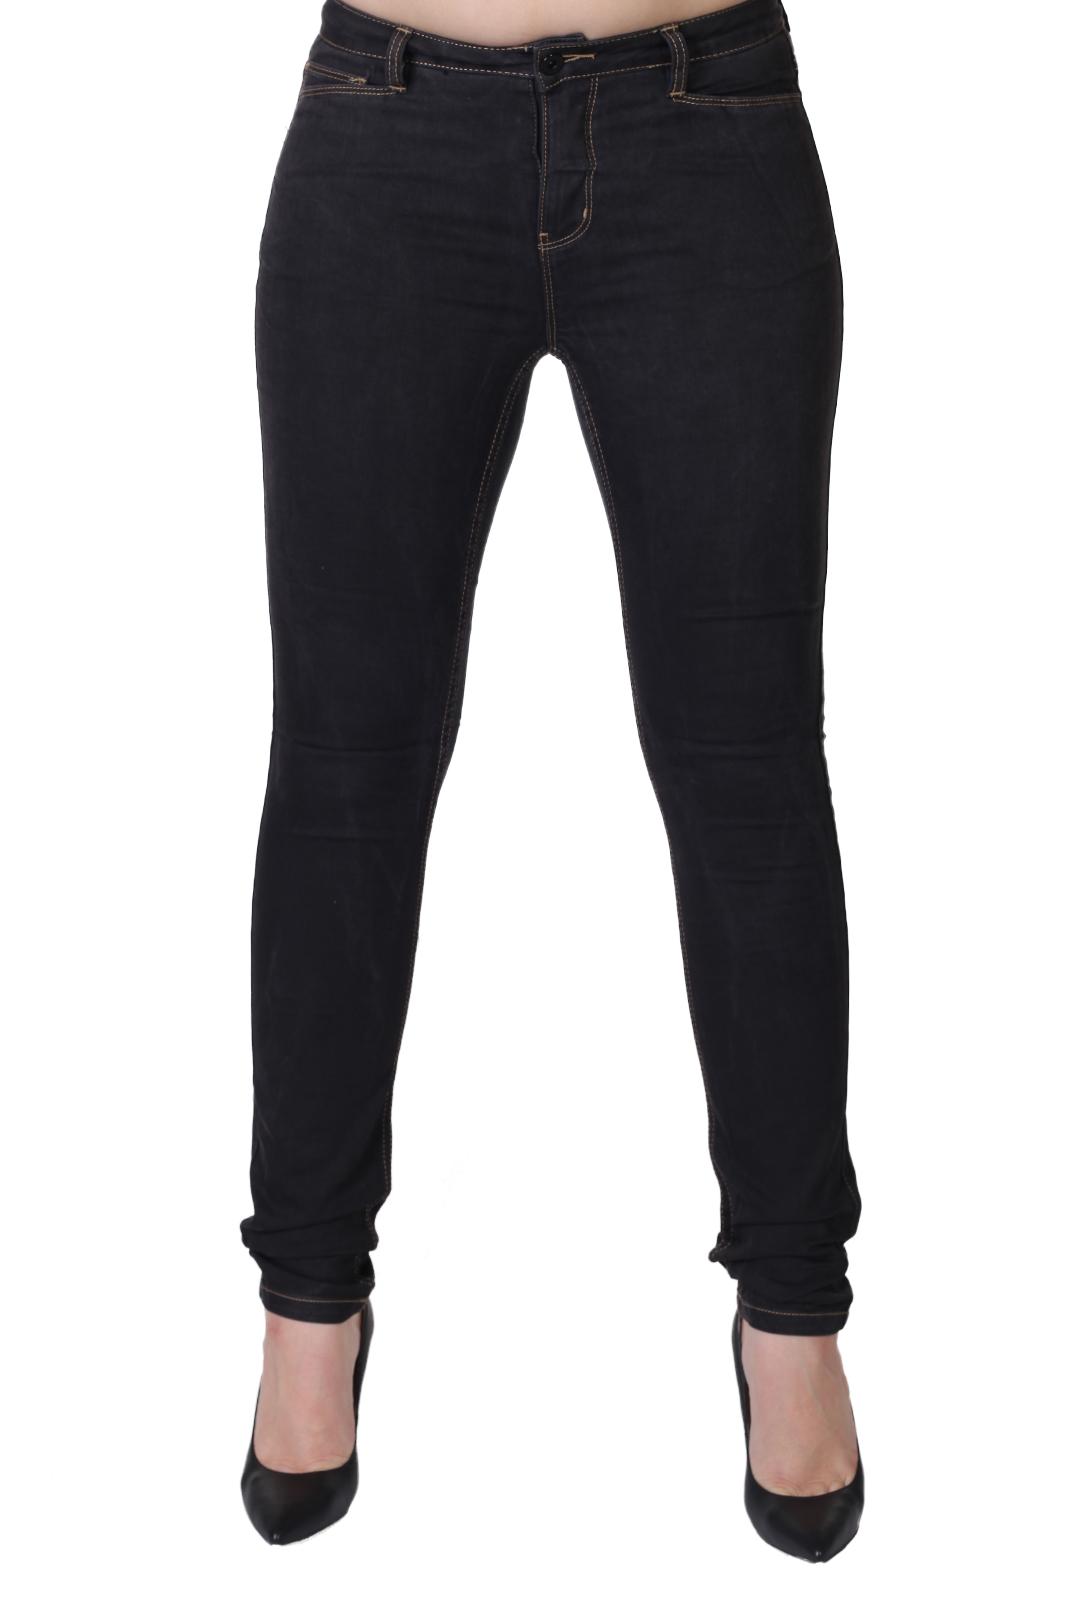 Купить в Москве женские джинсы